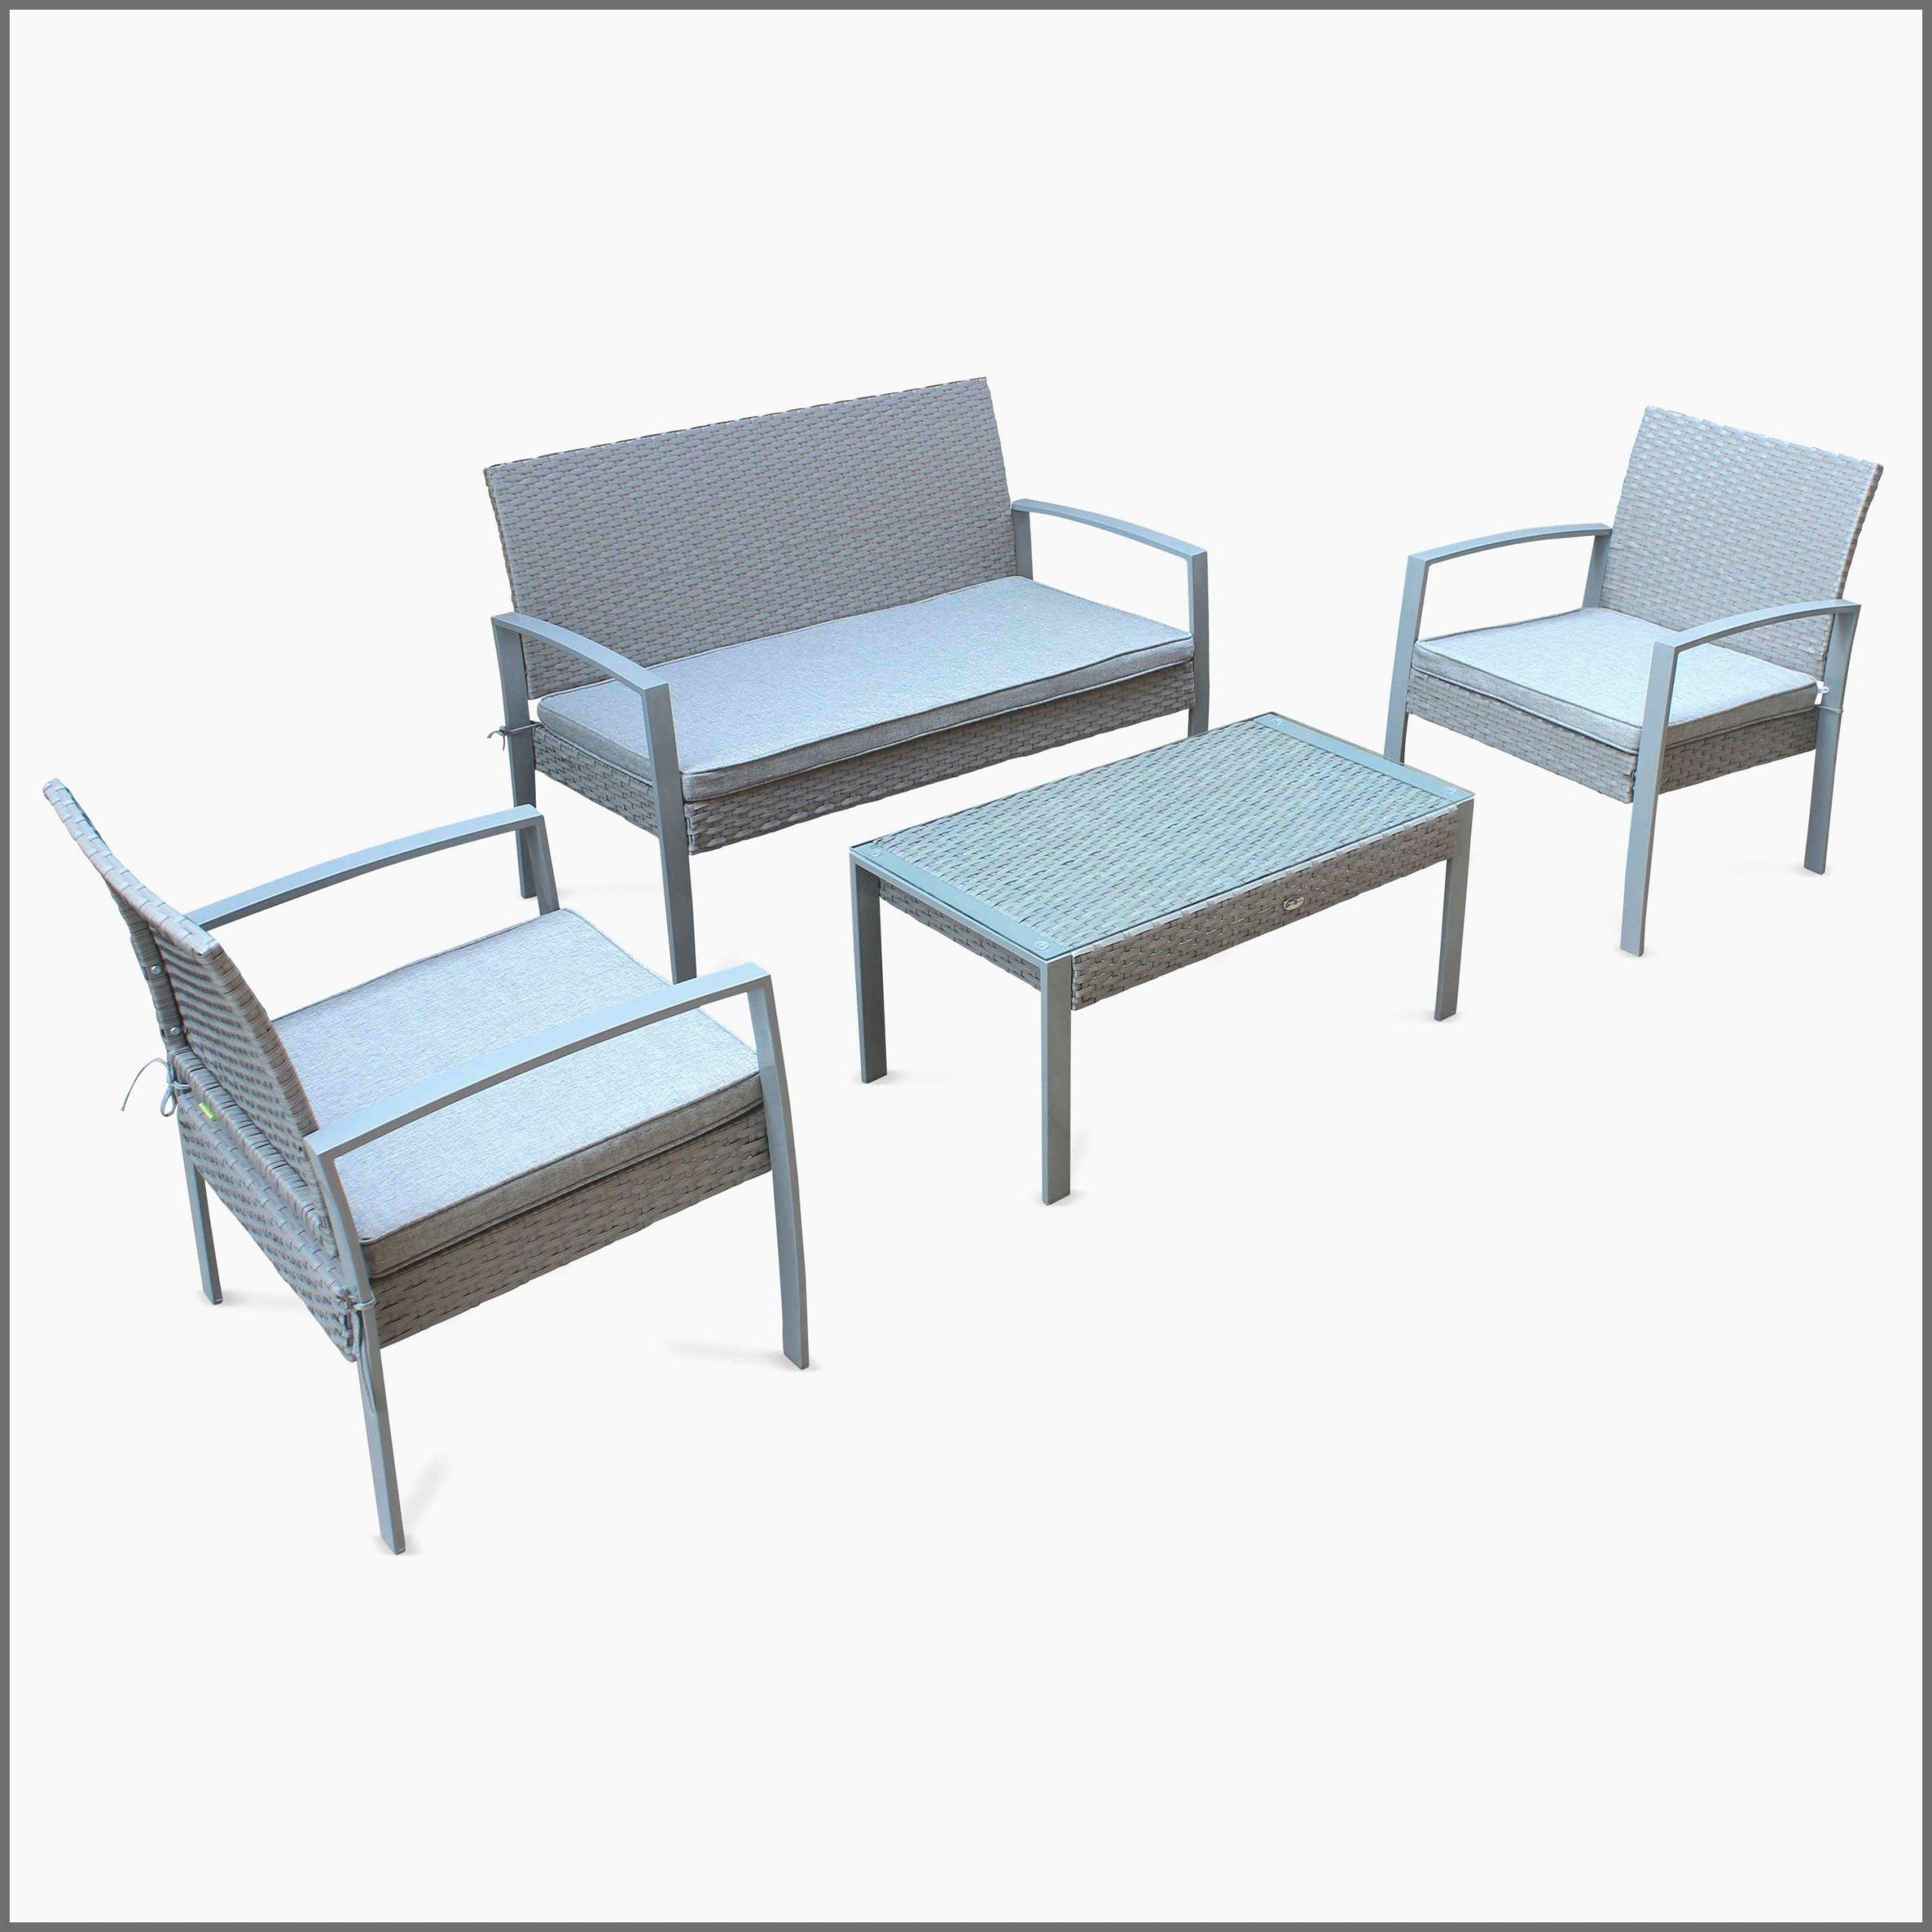 nouveau modc2a8les de castorama mobilier de jardin la photographie of chaises de jardin castorama